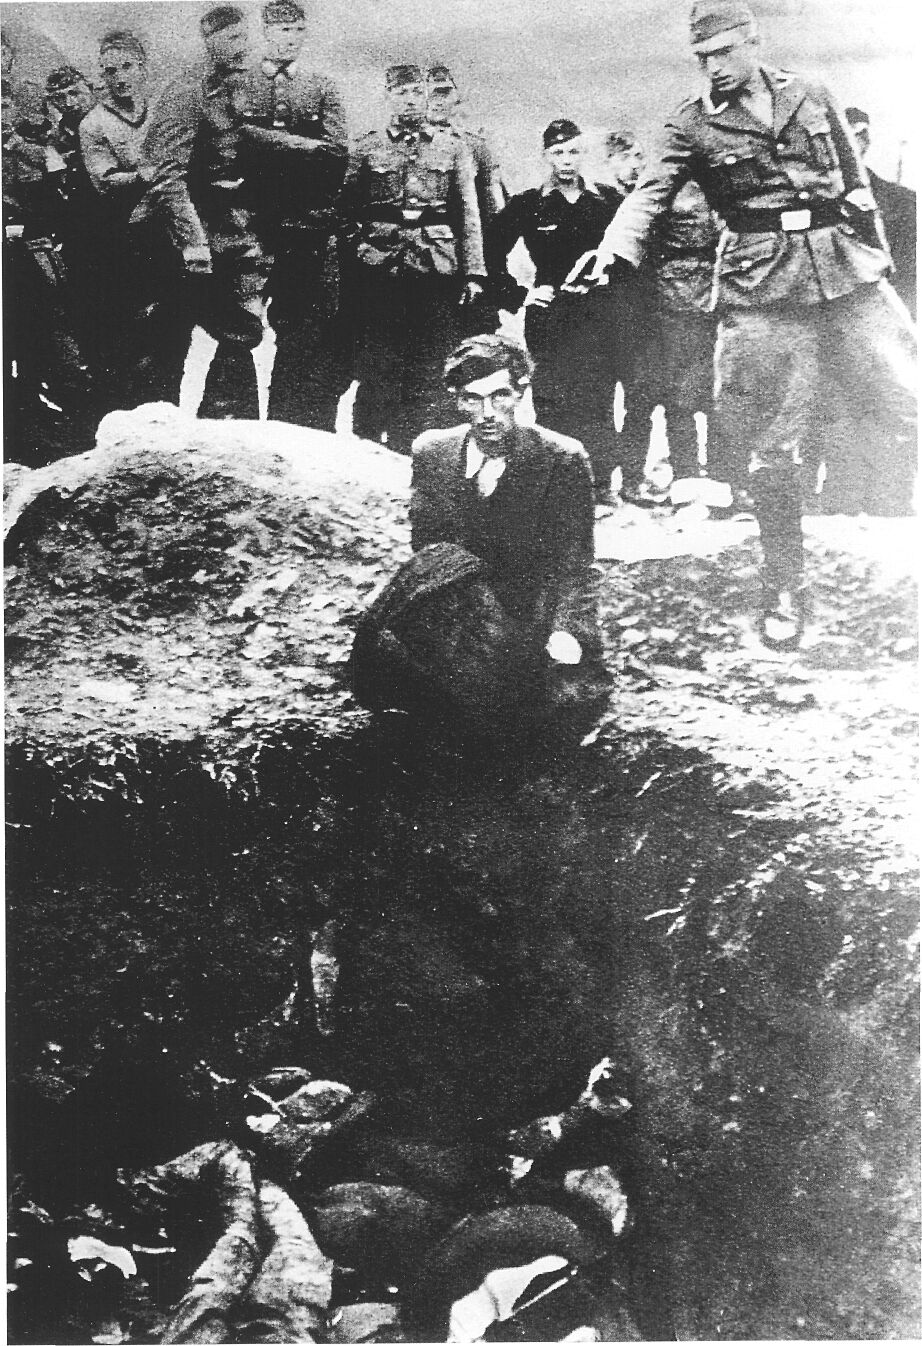 ユダヤ 人 虐殺 理由 ヒトラーはなぜユダヤ人を虐殺したのか。 現役薬剤師ネオンが伝える物販×金融情報...